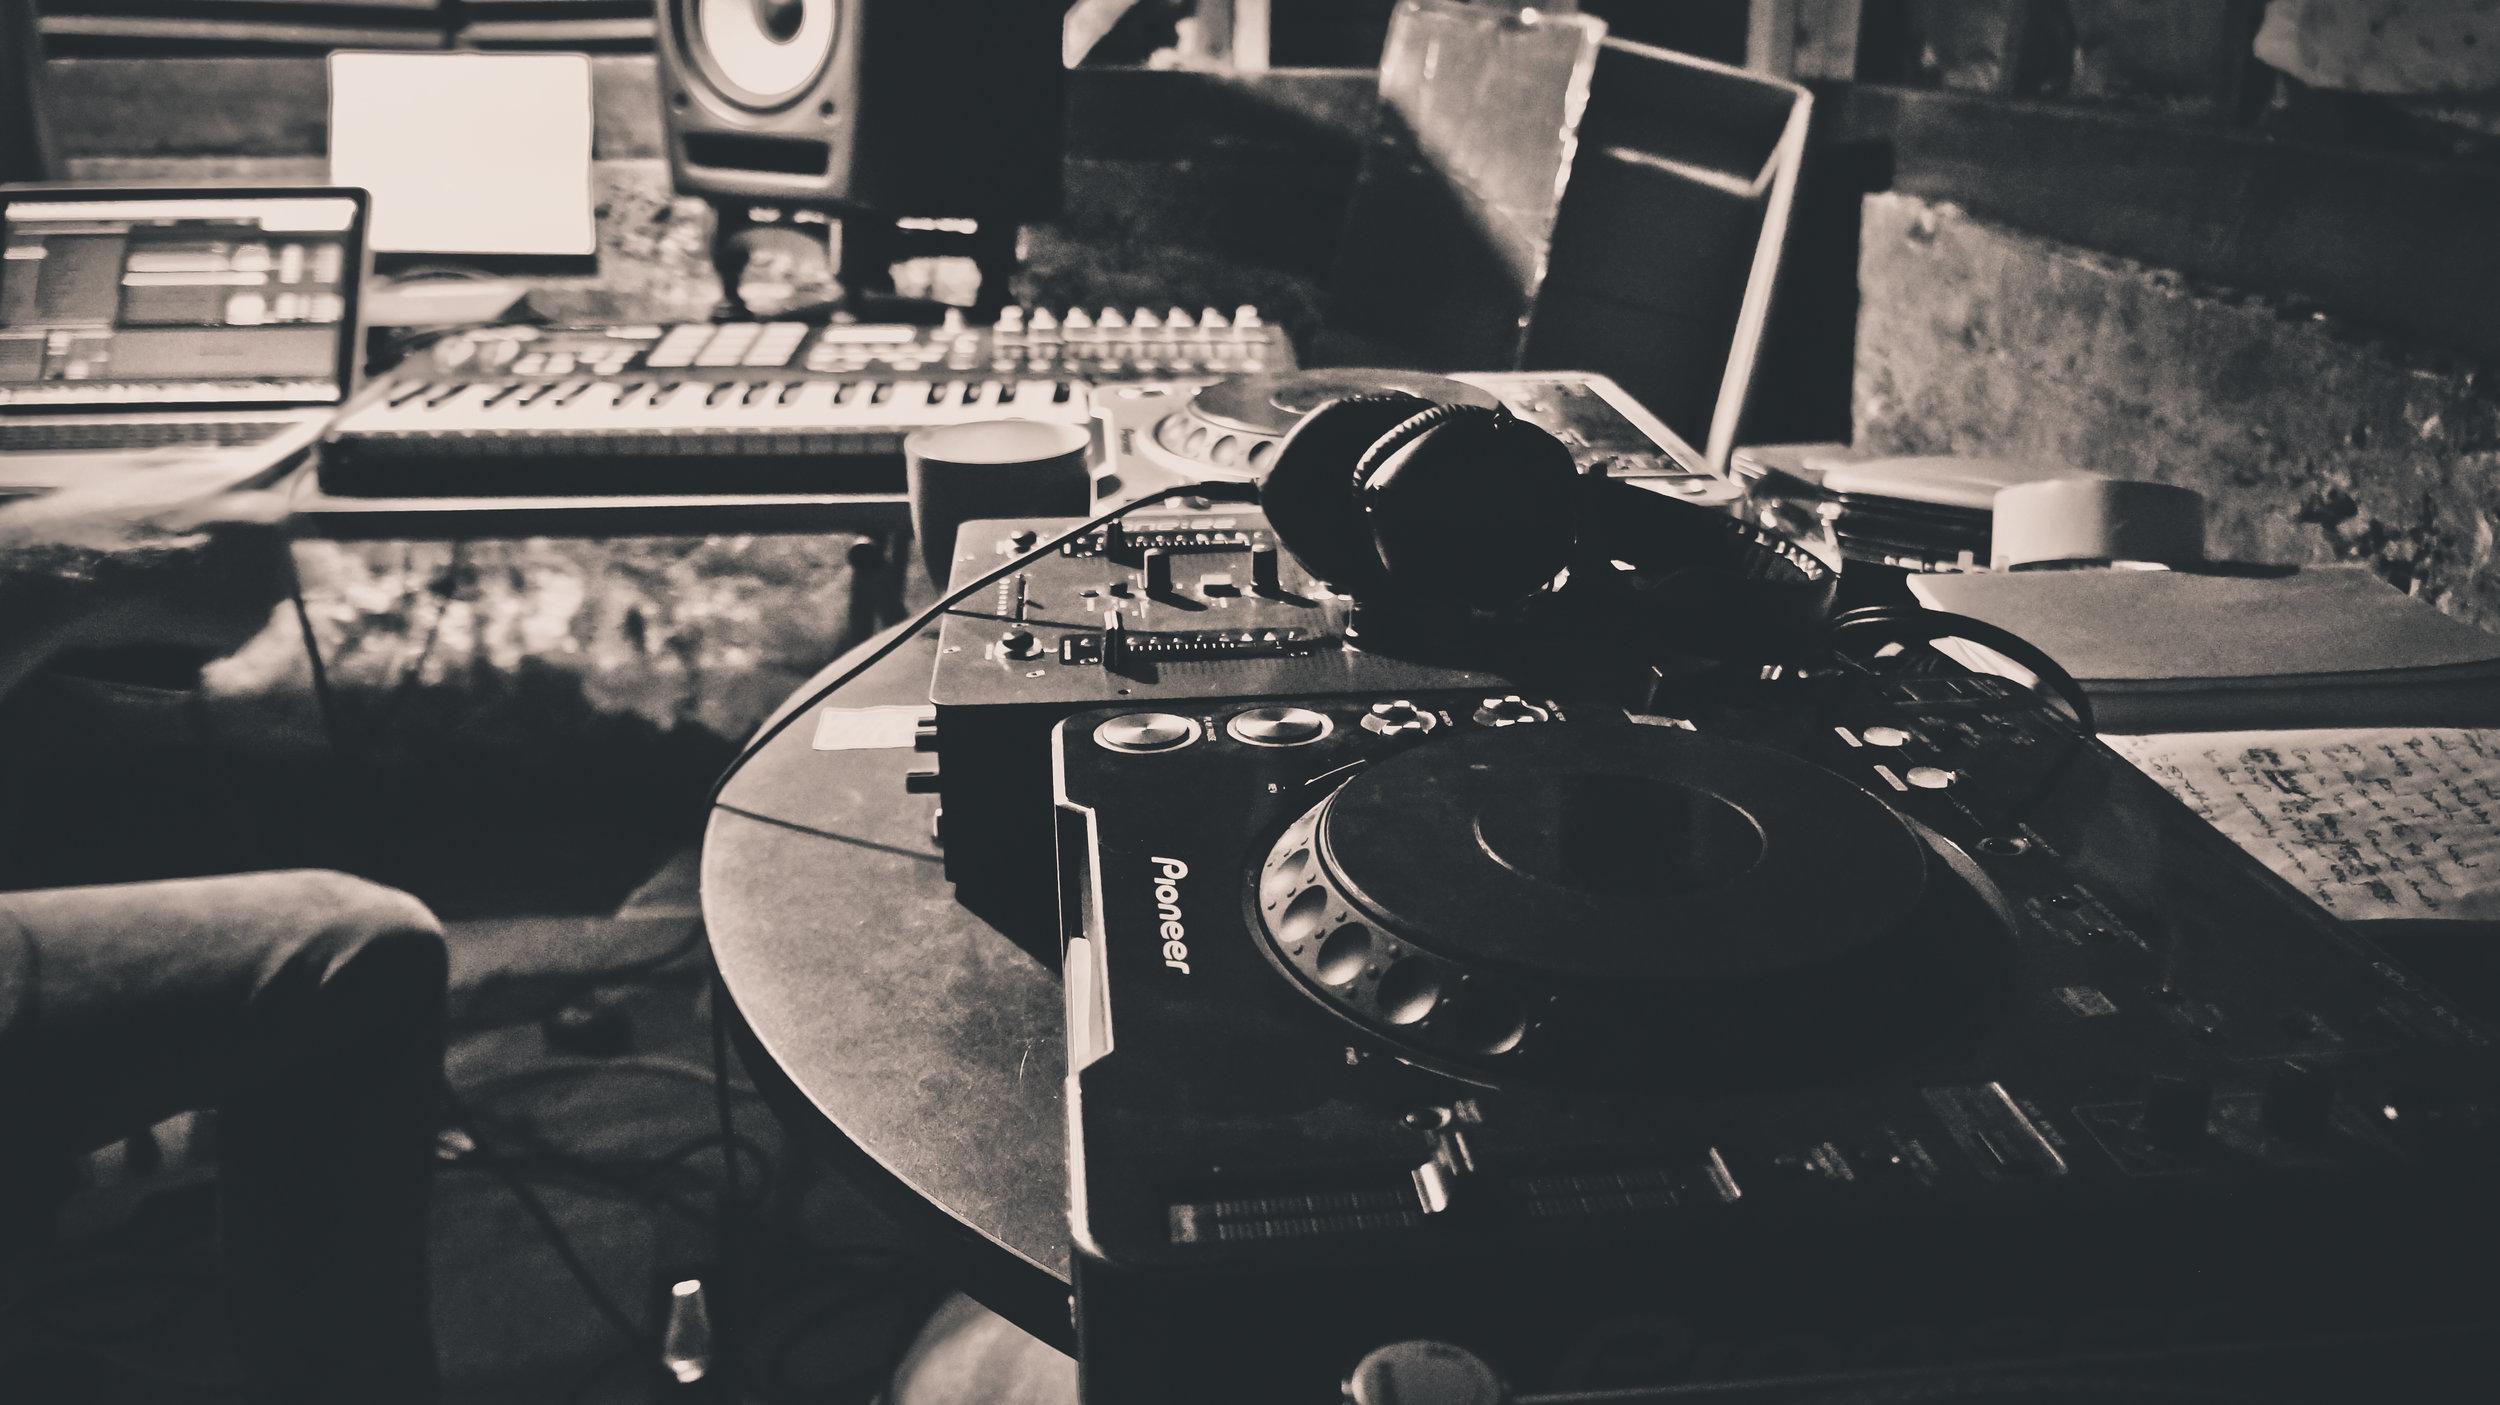 Iain Howie DJ Set up 1